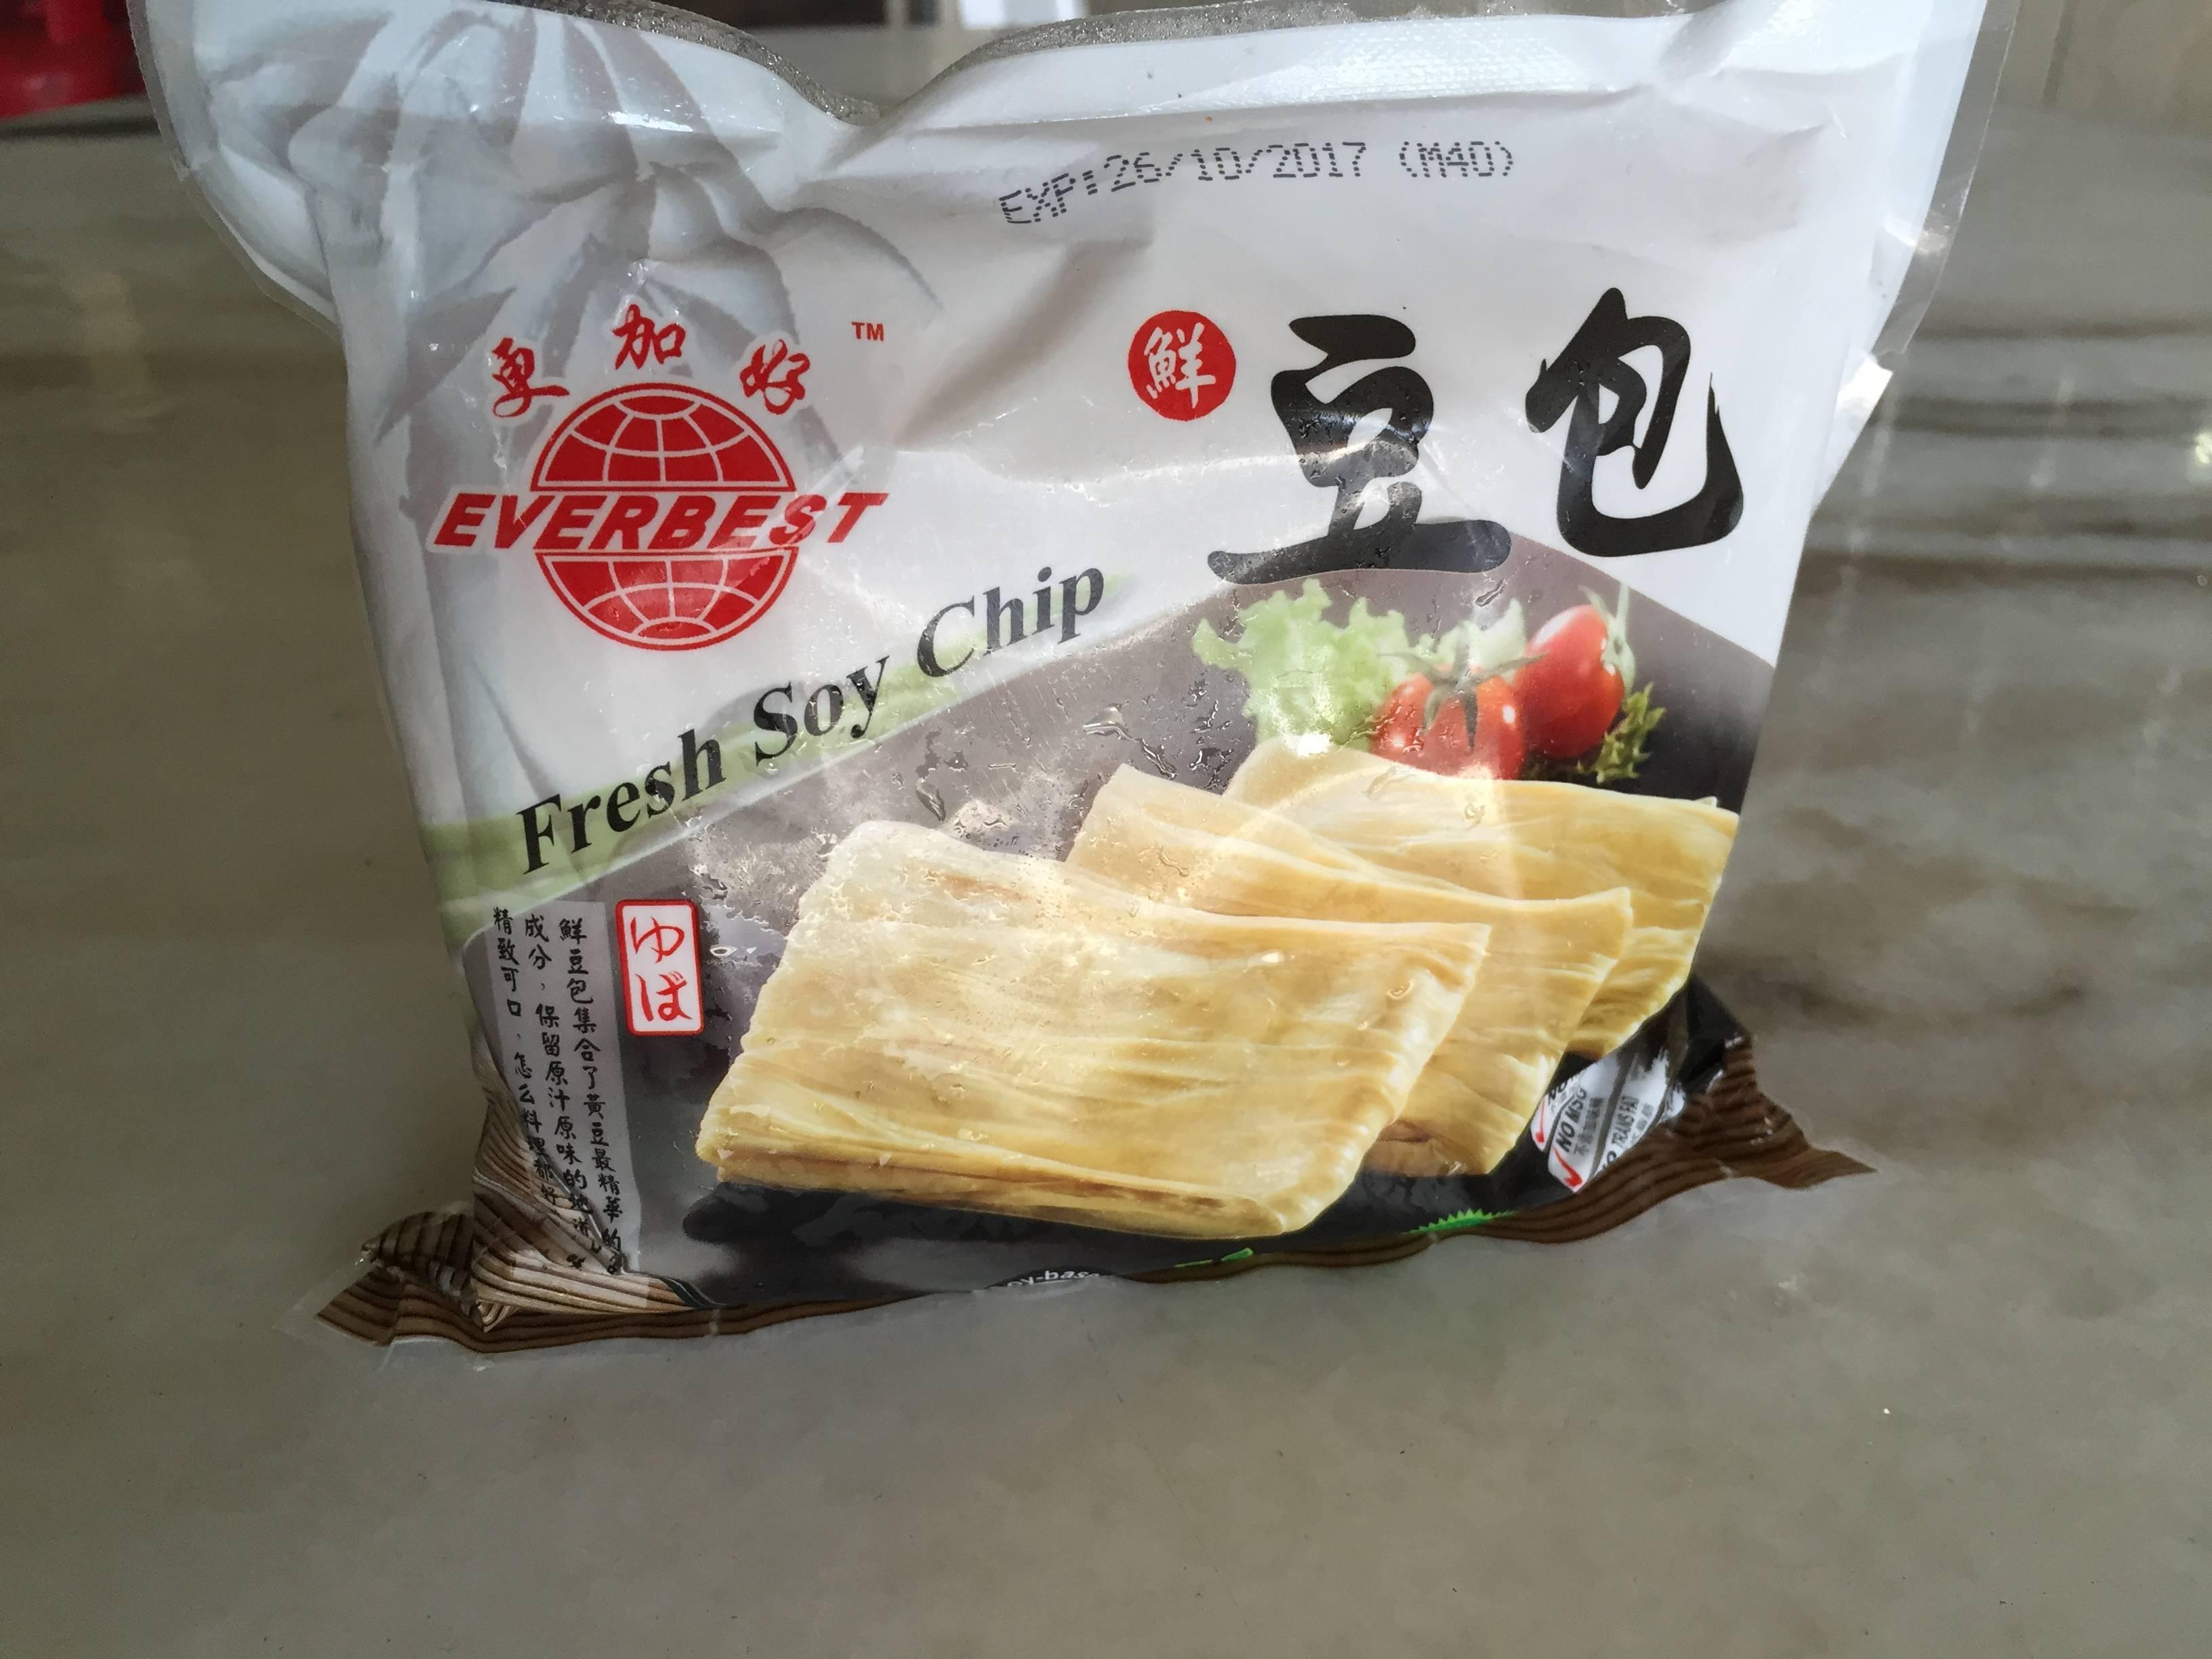 Frozen Instant Food image